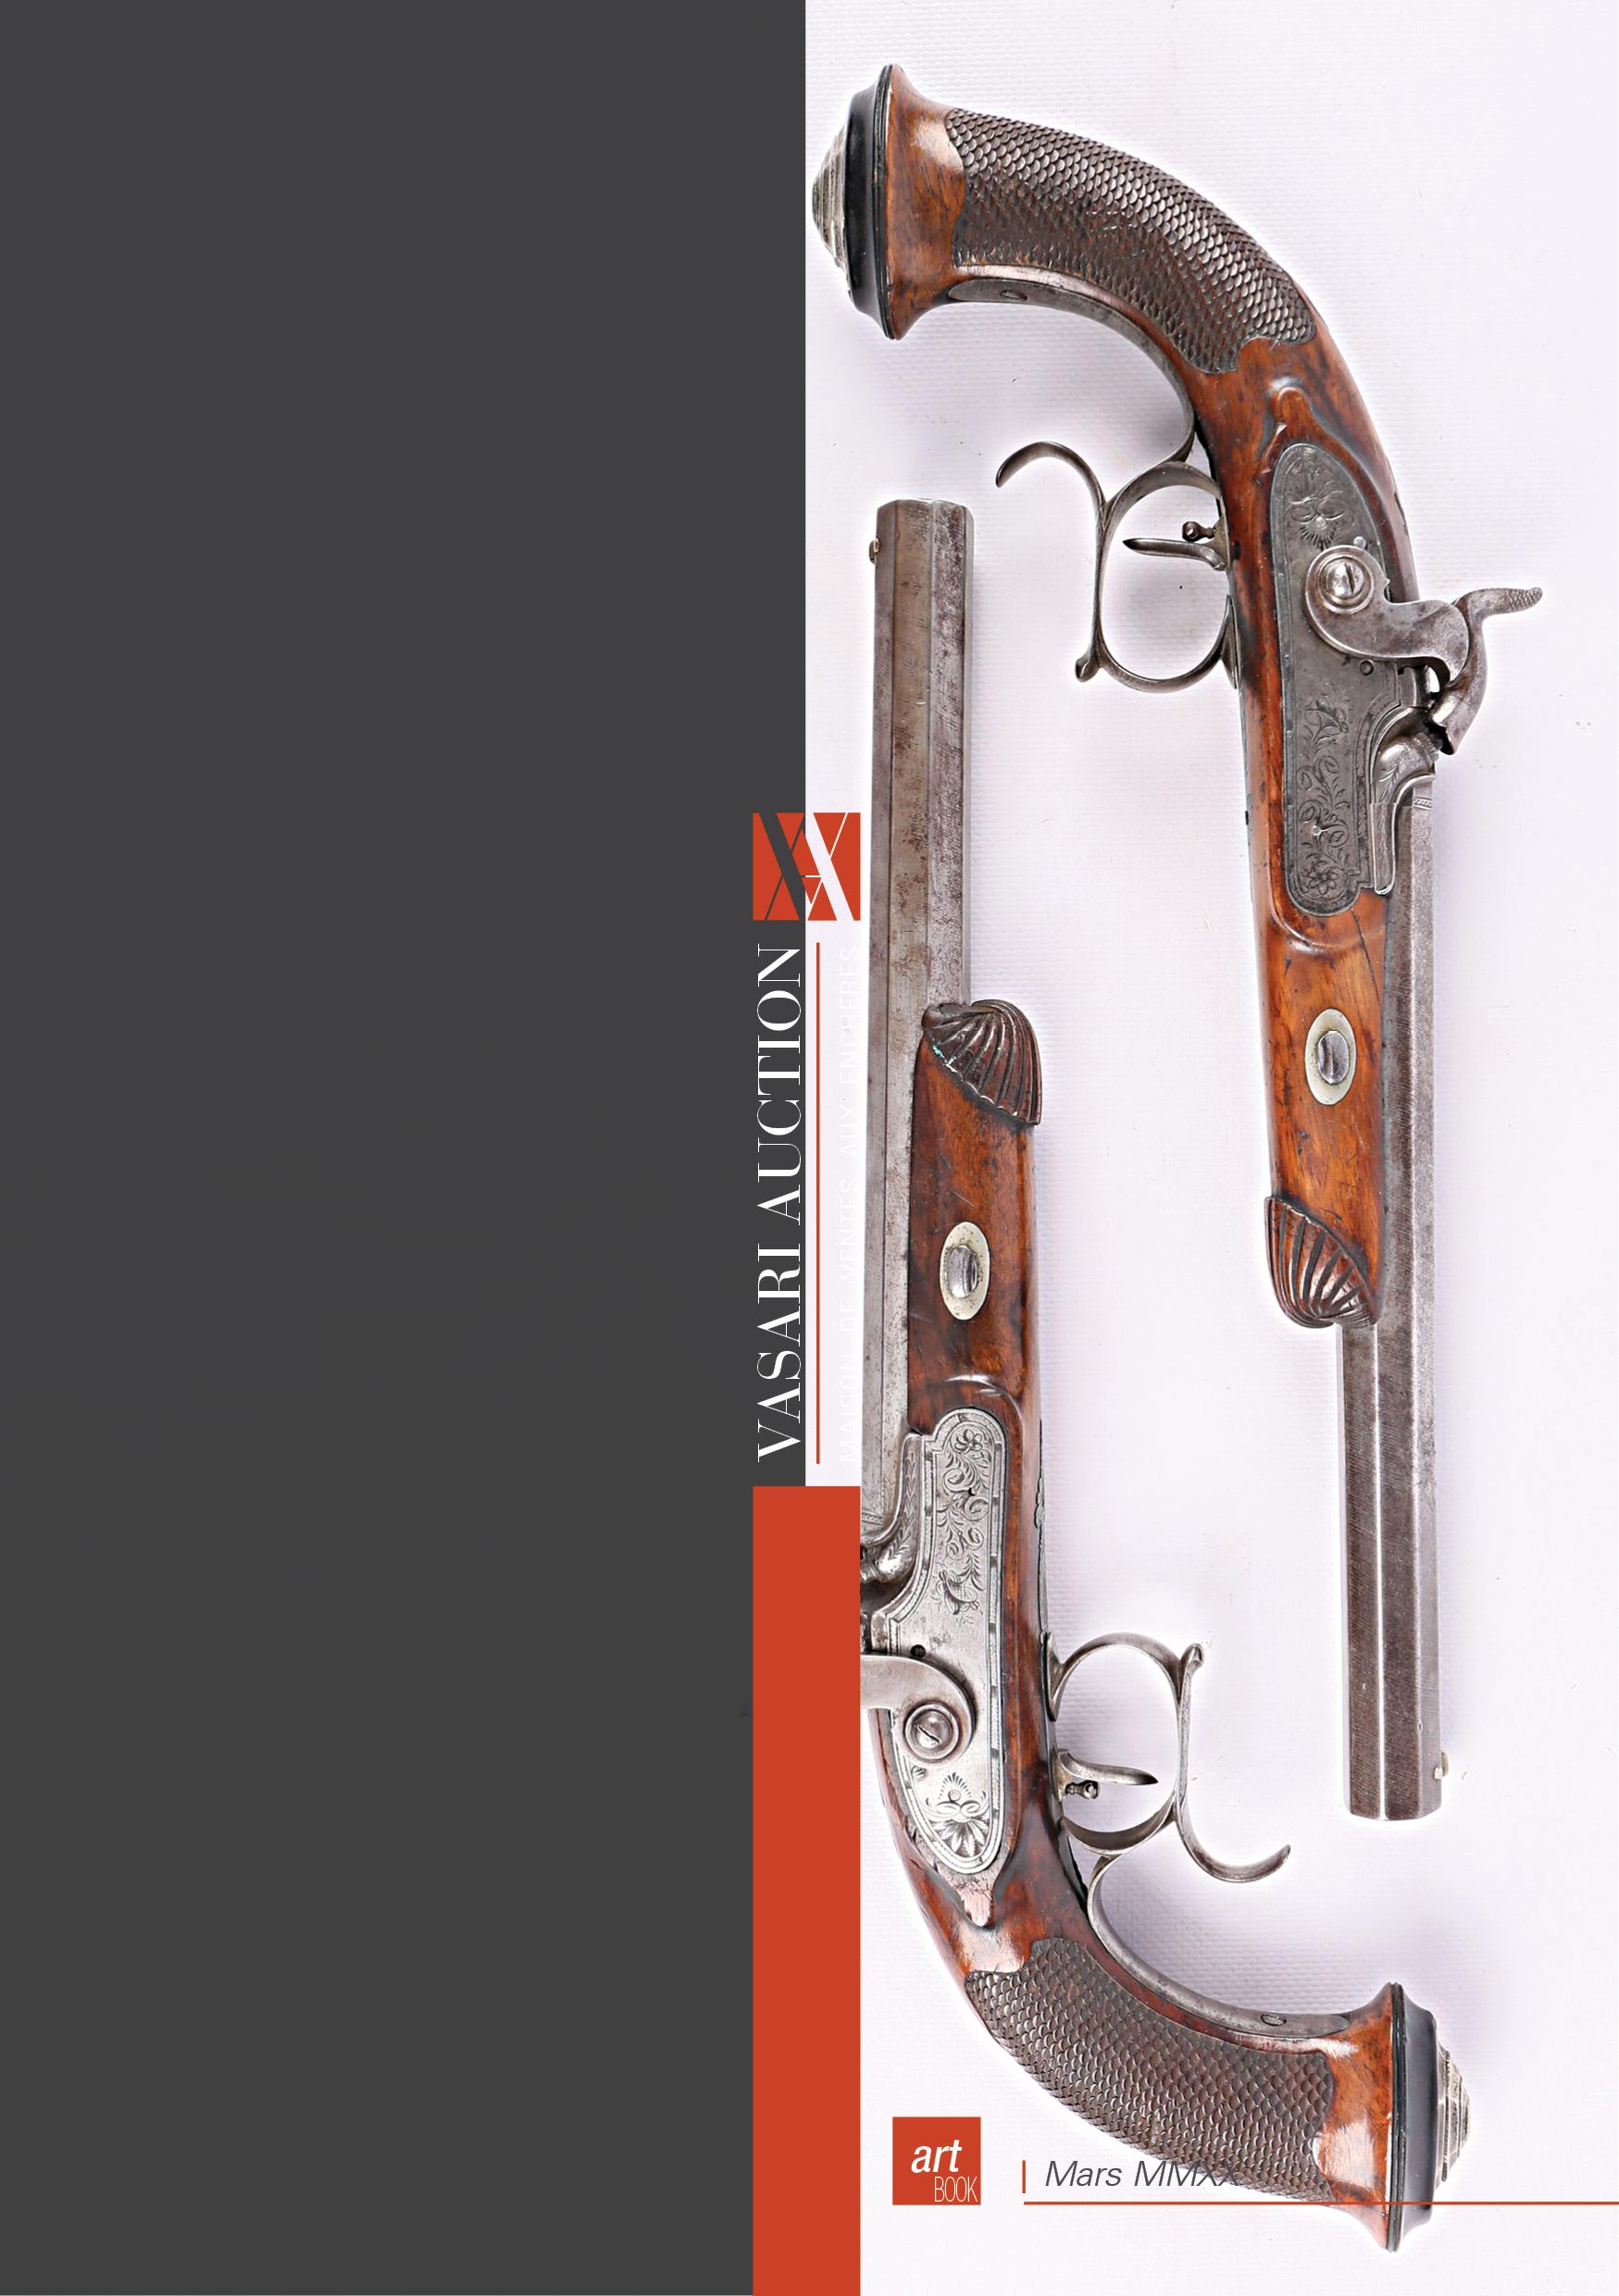 Vente Armes, Militaria, Décorations by Vasari Auction chez Vasari Auction : 308 lots